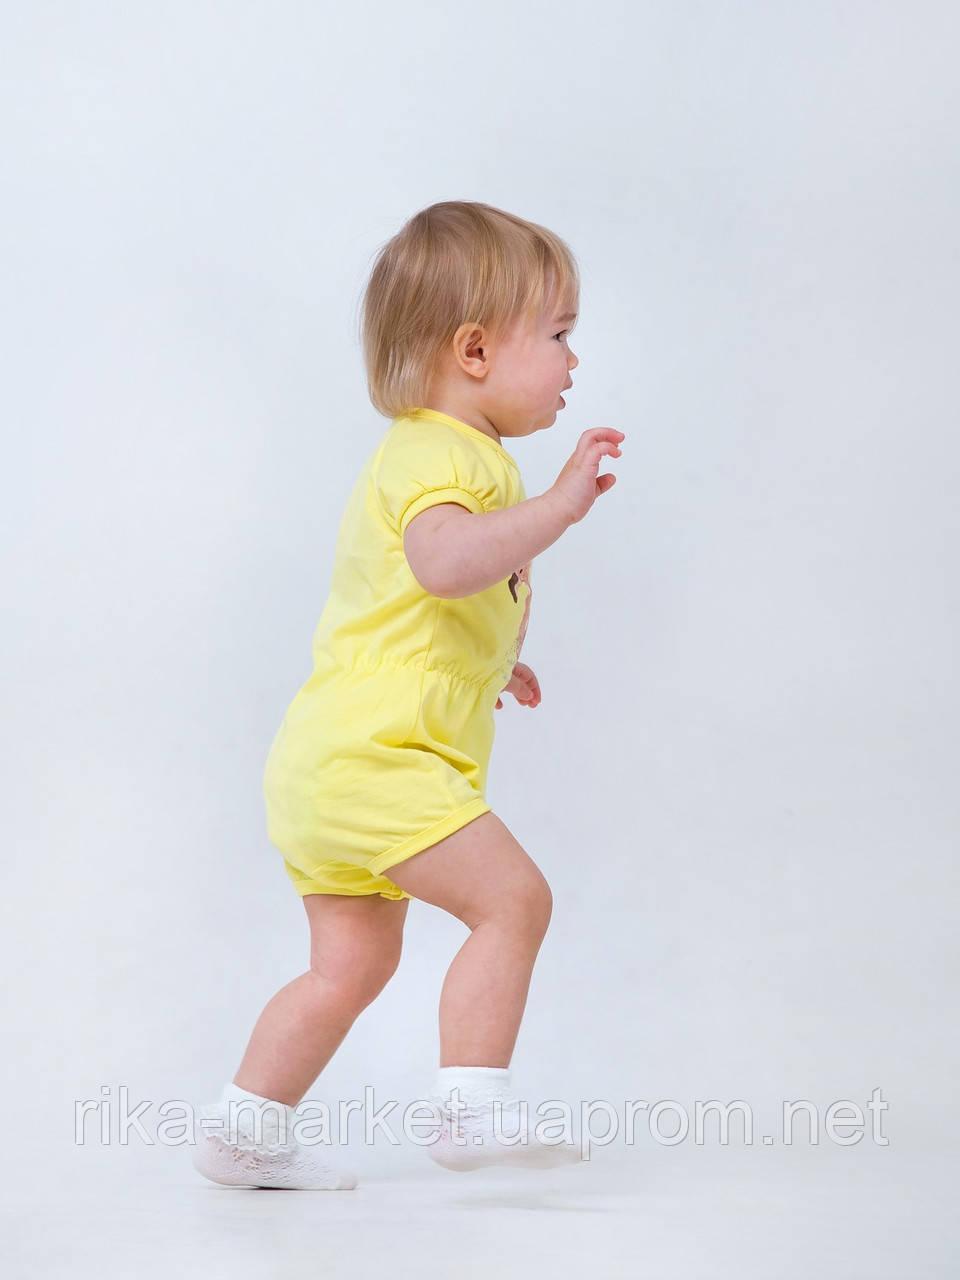 Песочник для девочки Смил, от 6 до 18 месяцев, 111259